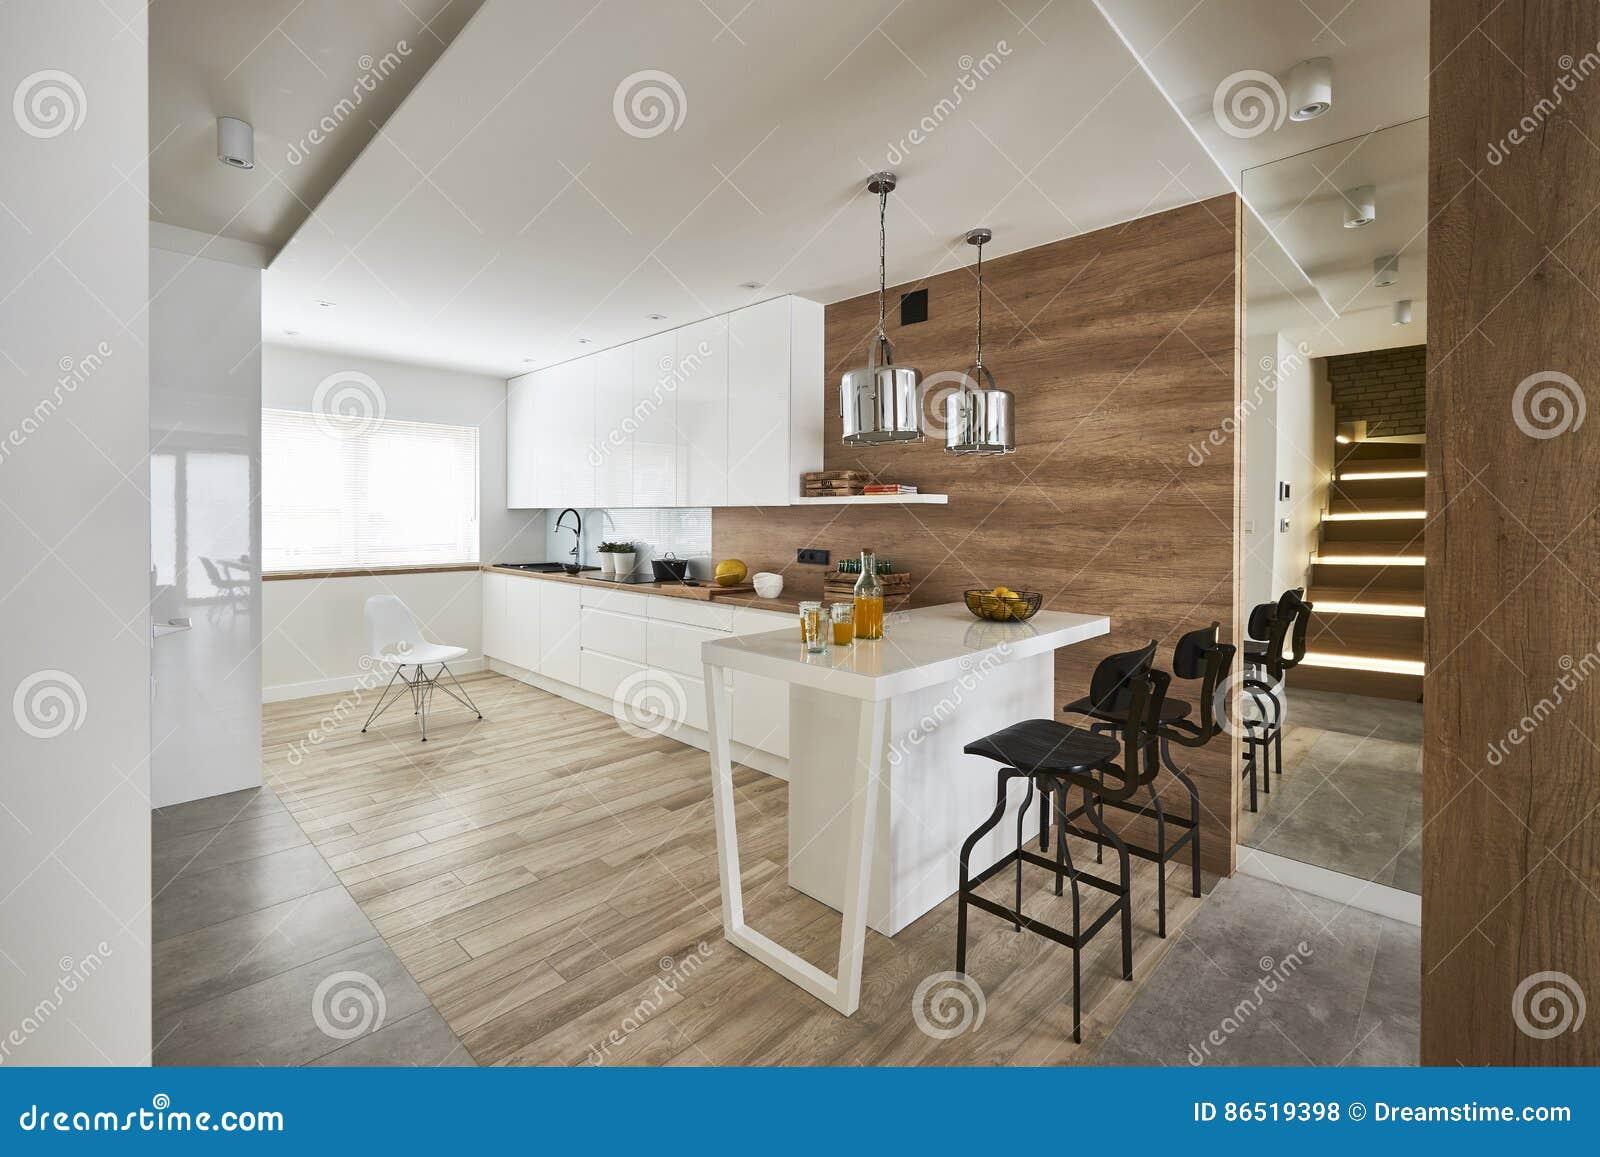 Moderne keuken met miror en witte bruine muren redactionele stock